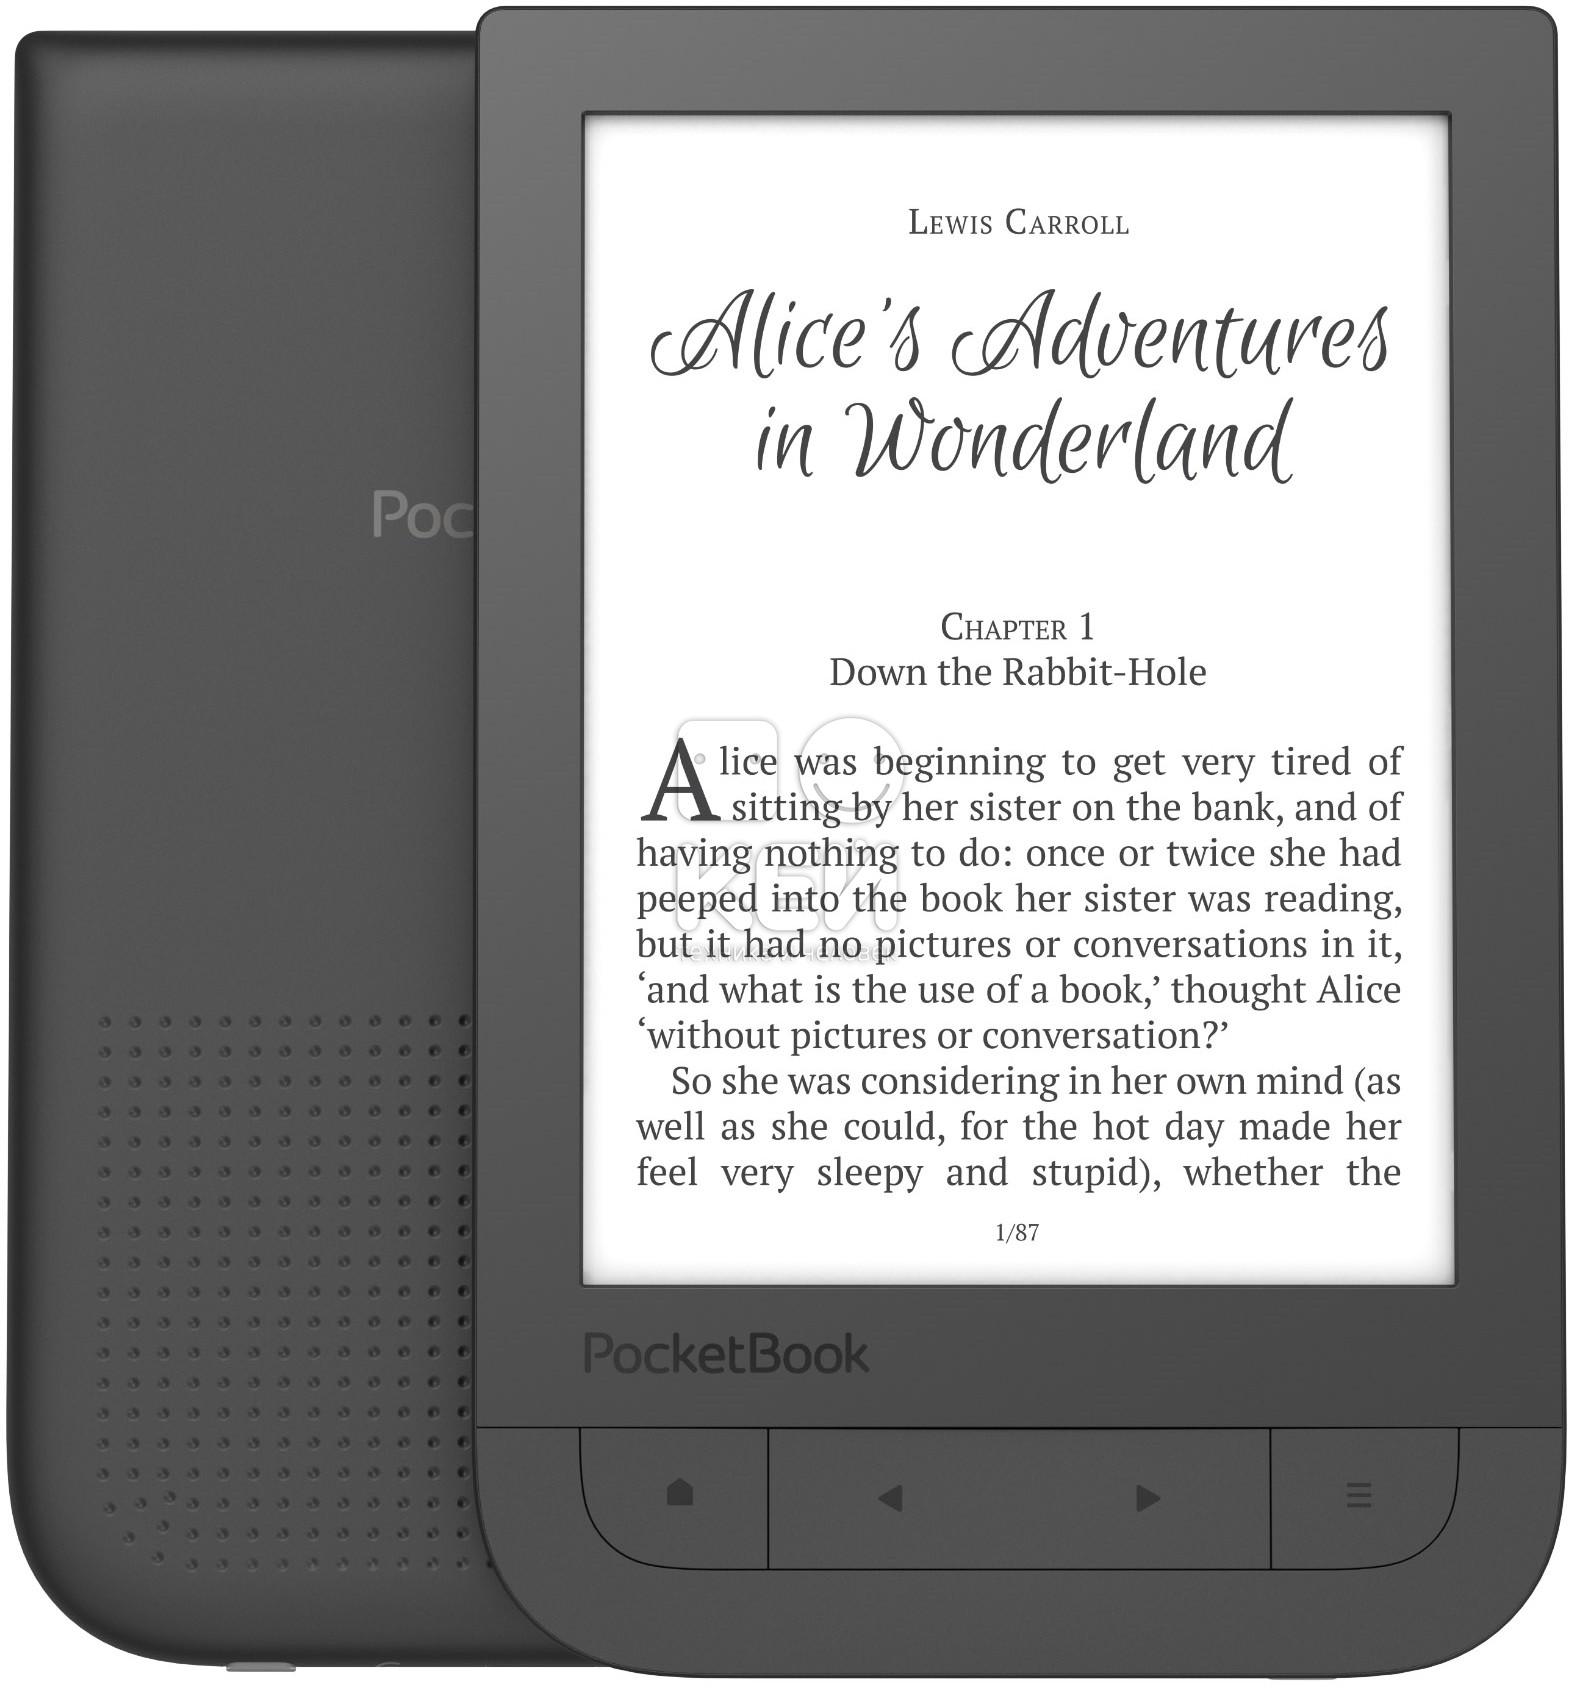 PocketBook: преимущества и недостатки